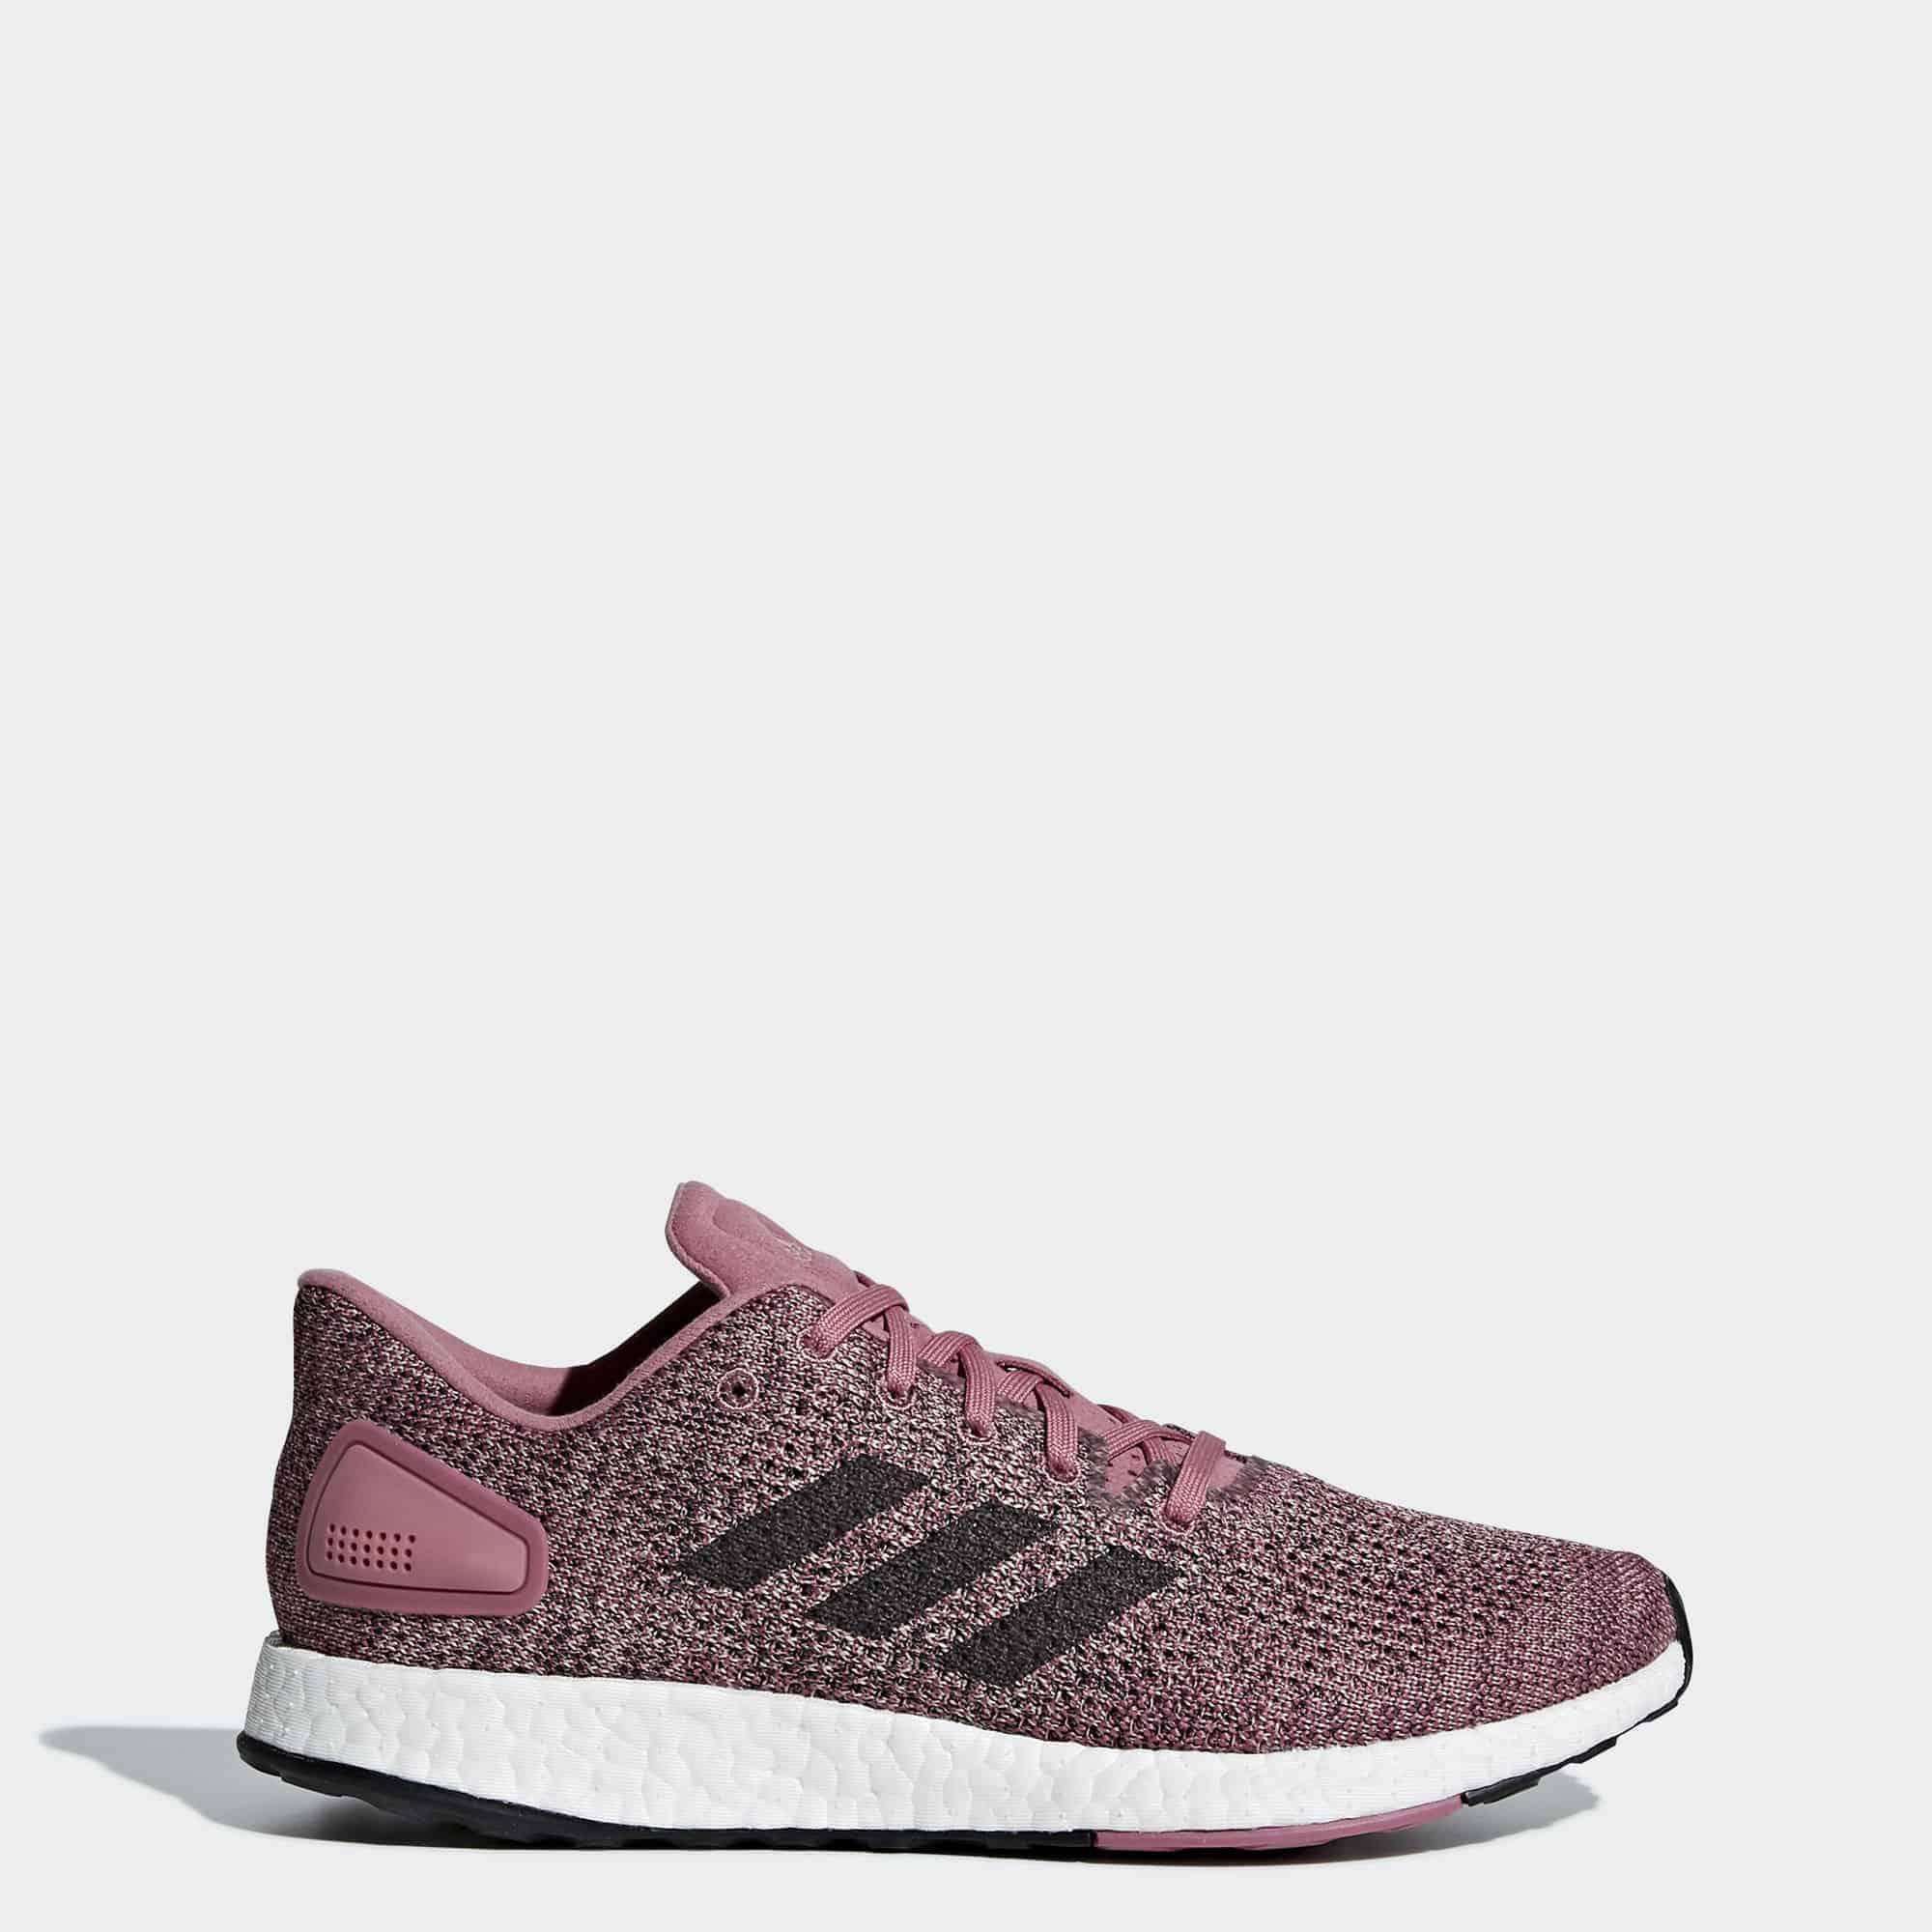 Кроссовки для бега Adidas Pureboost DPR женские